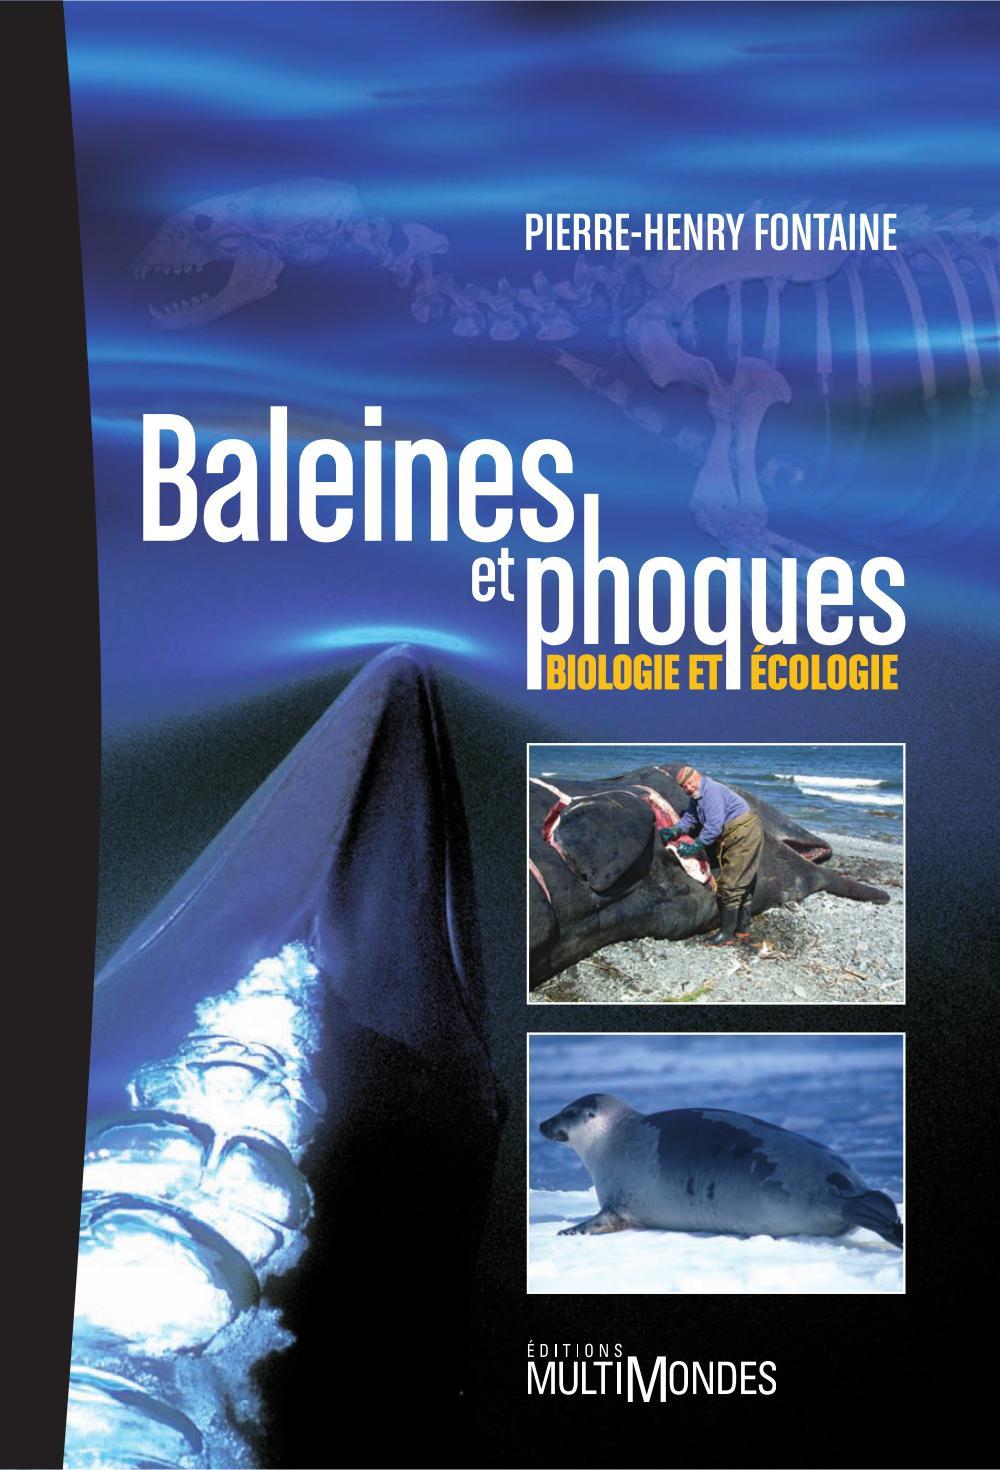 Vignette du livre Baleines et phoques: Biologie et écologie - Pierre-Henry Fontaine